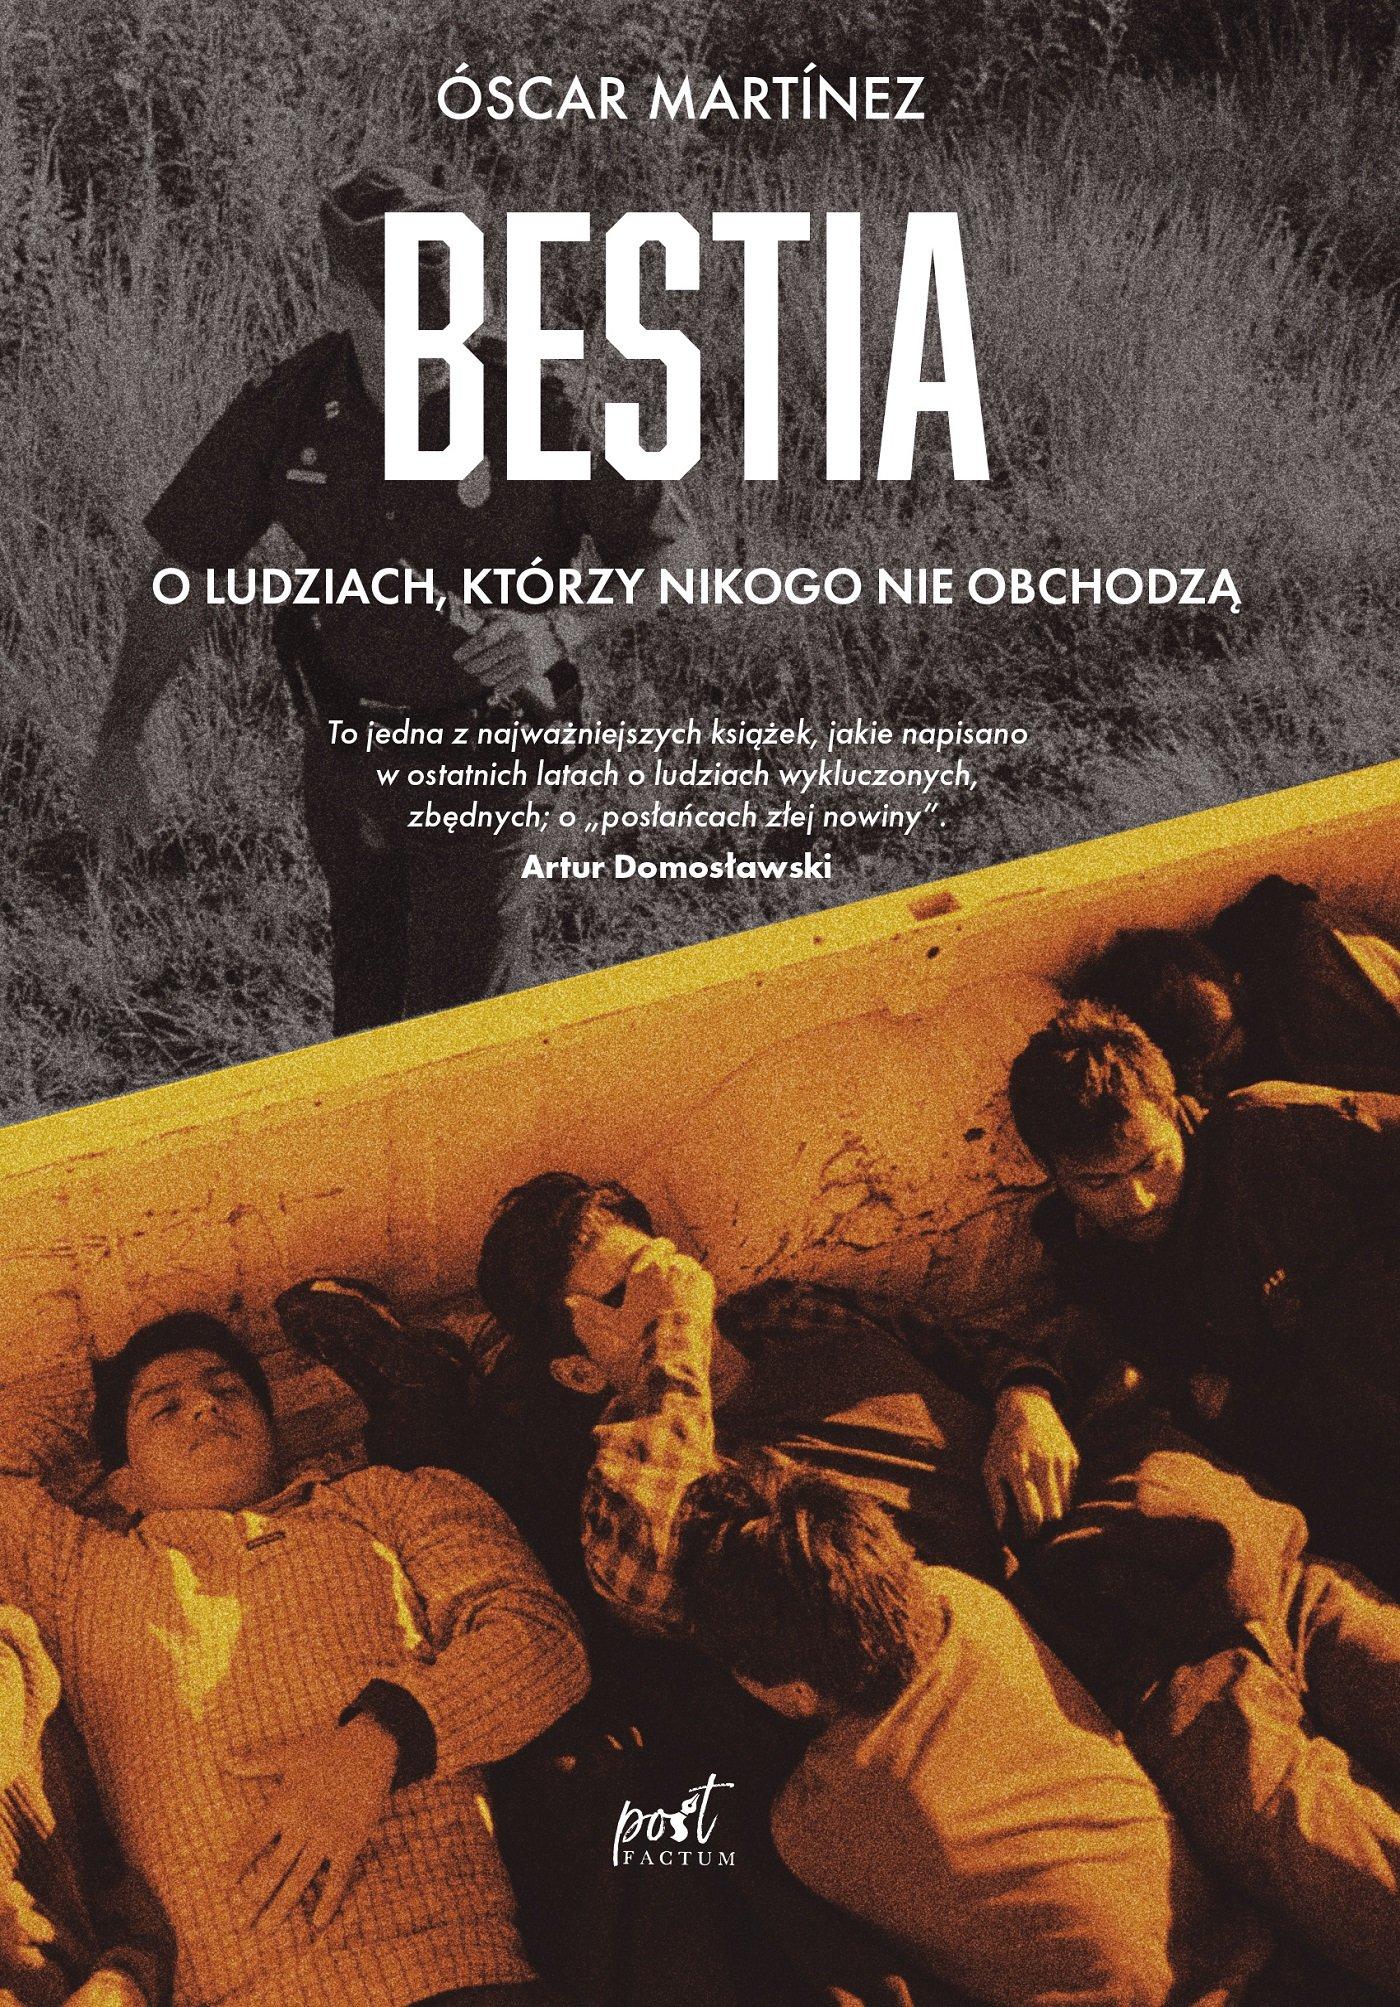 Bestia - Ebook (Książka na Kindle) do pobrania w formacie MOBI